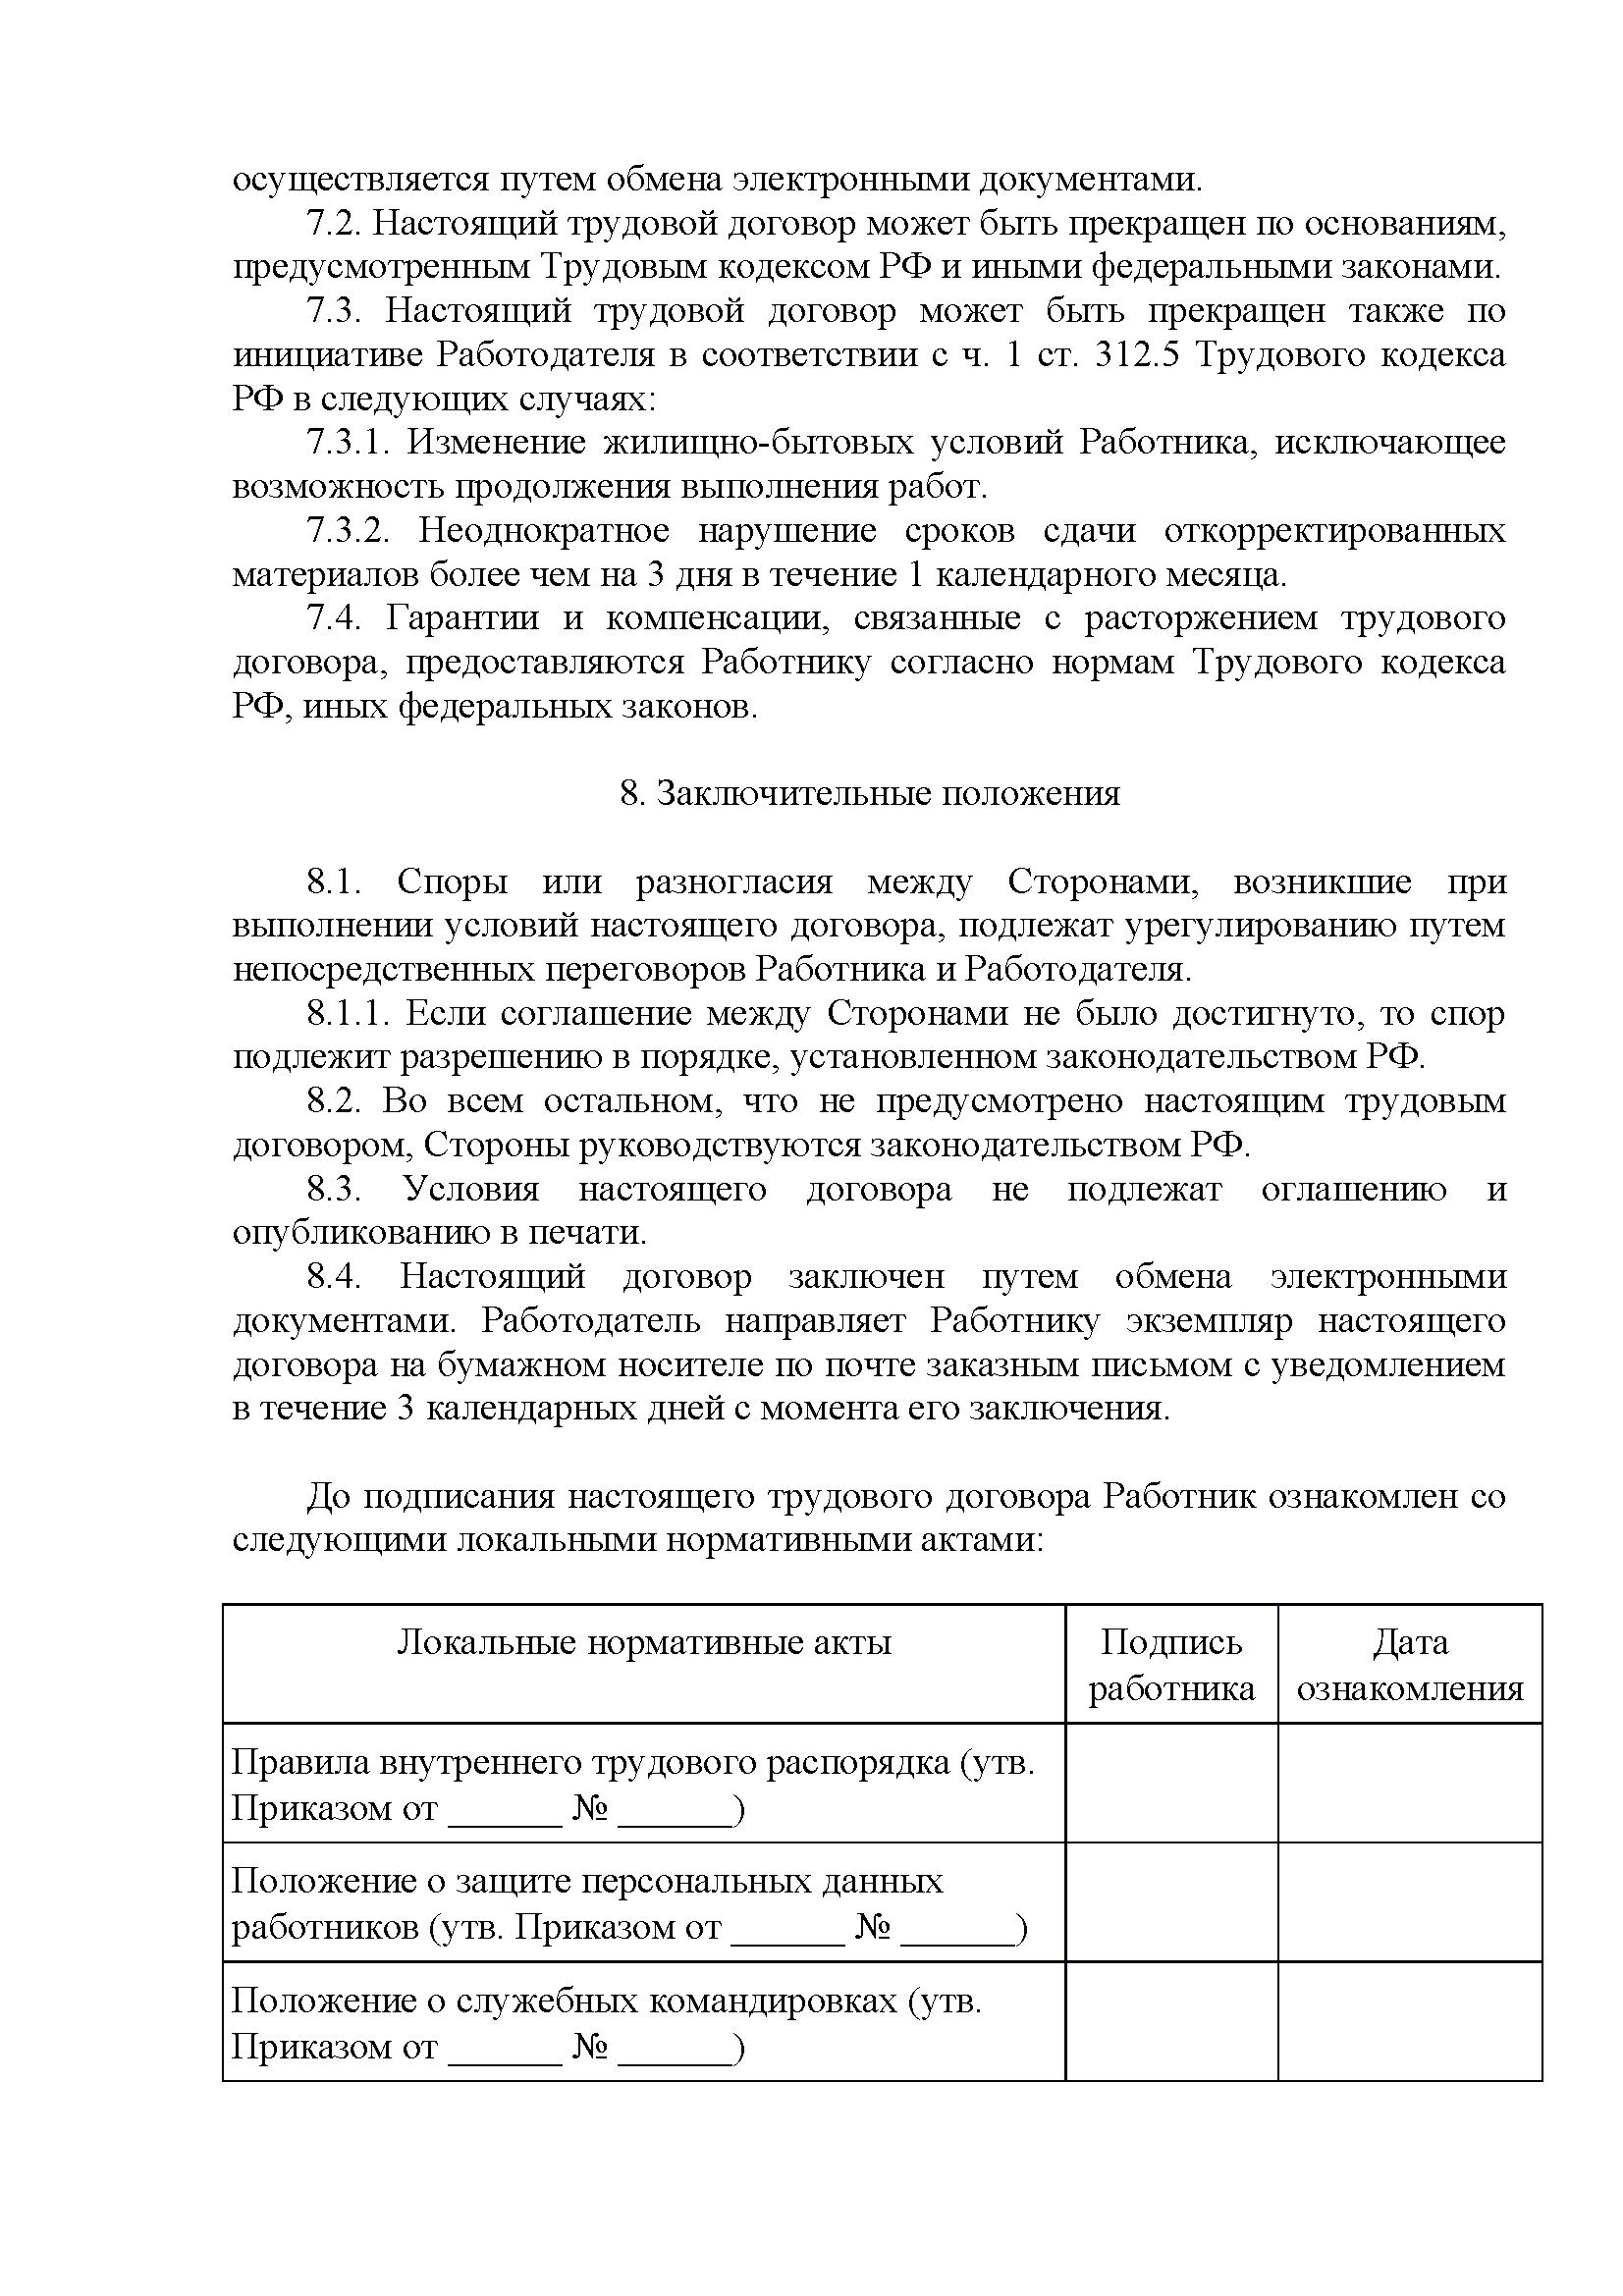 Трудовой договор с дистанционным работником